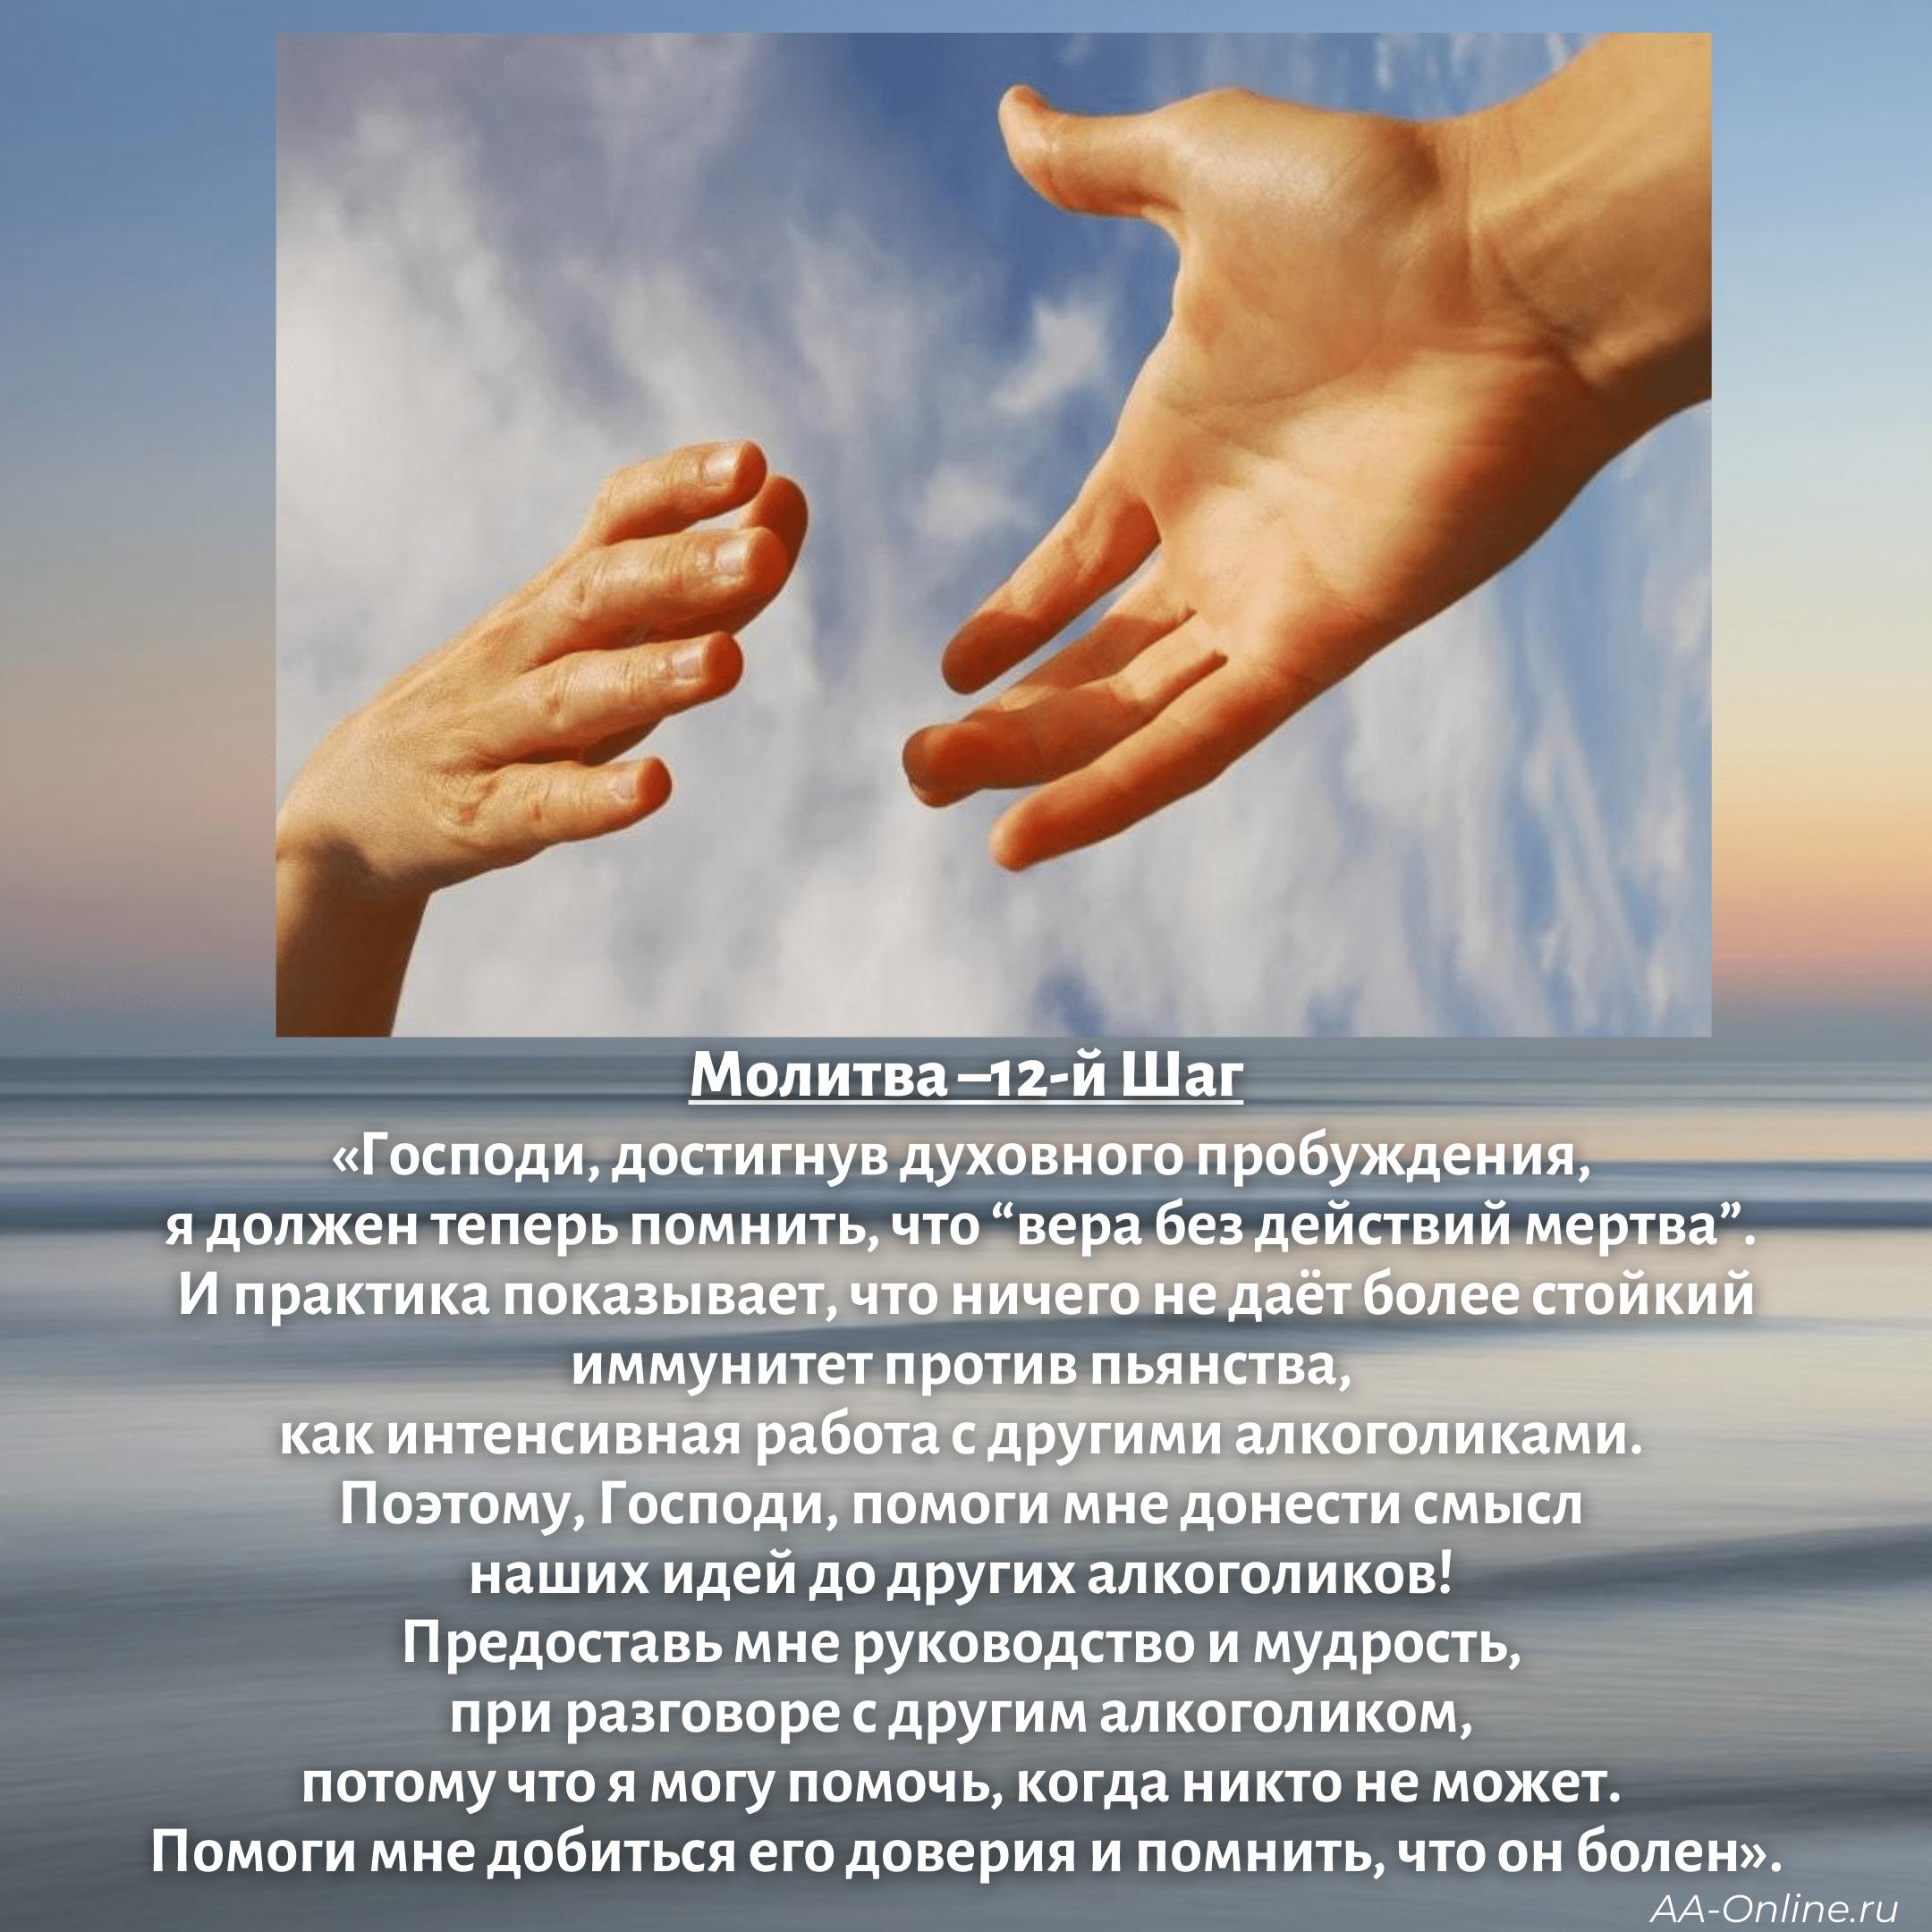 Молитва –12-й Шаг